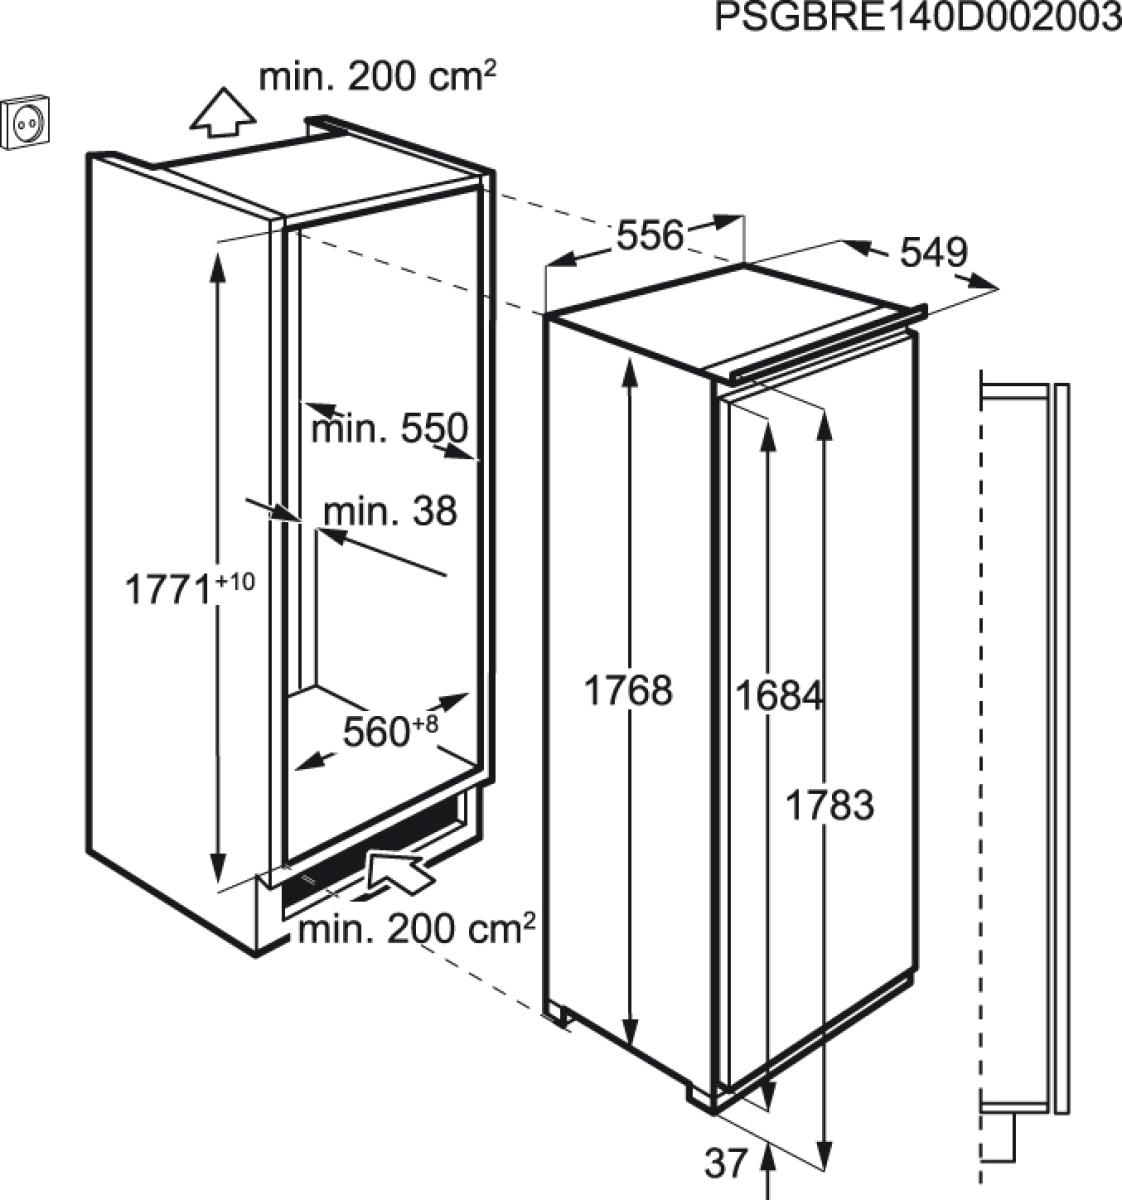 aeg ske81826zc einbauk hlschrank ohne gefrierfach 178cm. Black Bedroom Furniture Sets. Home Design Ideas